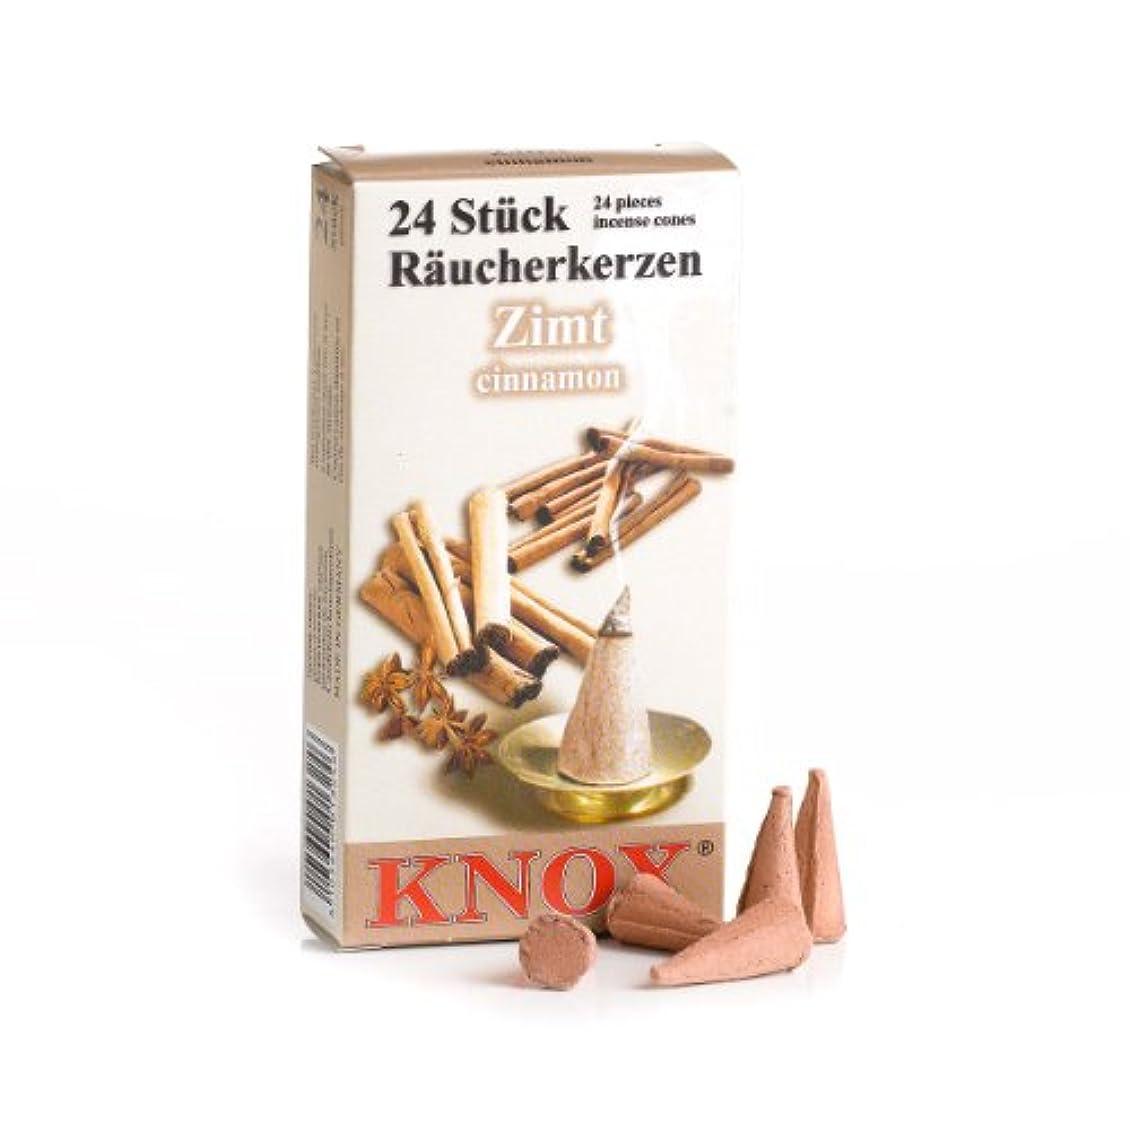 はさみ道徳の軍隊Knox Cinnnamon香りつきIncense Cones、24パック、ドイツ製